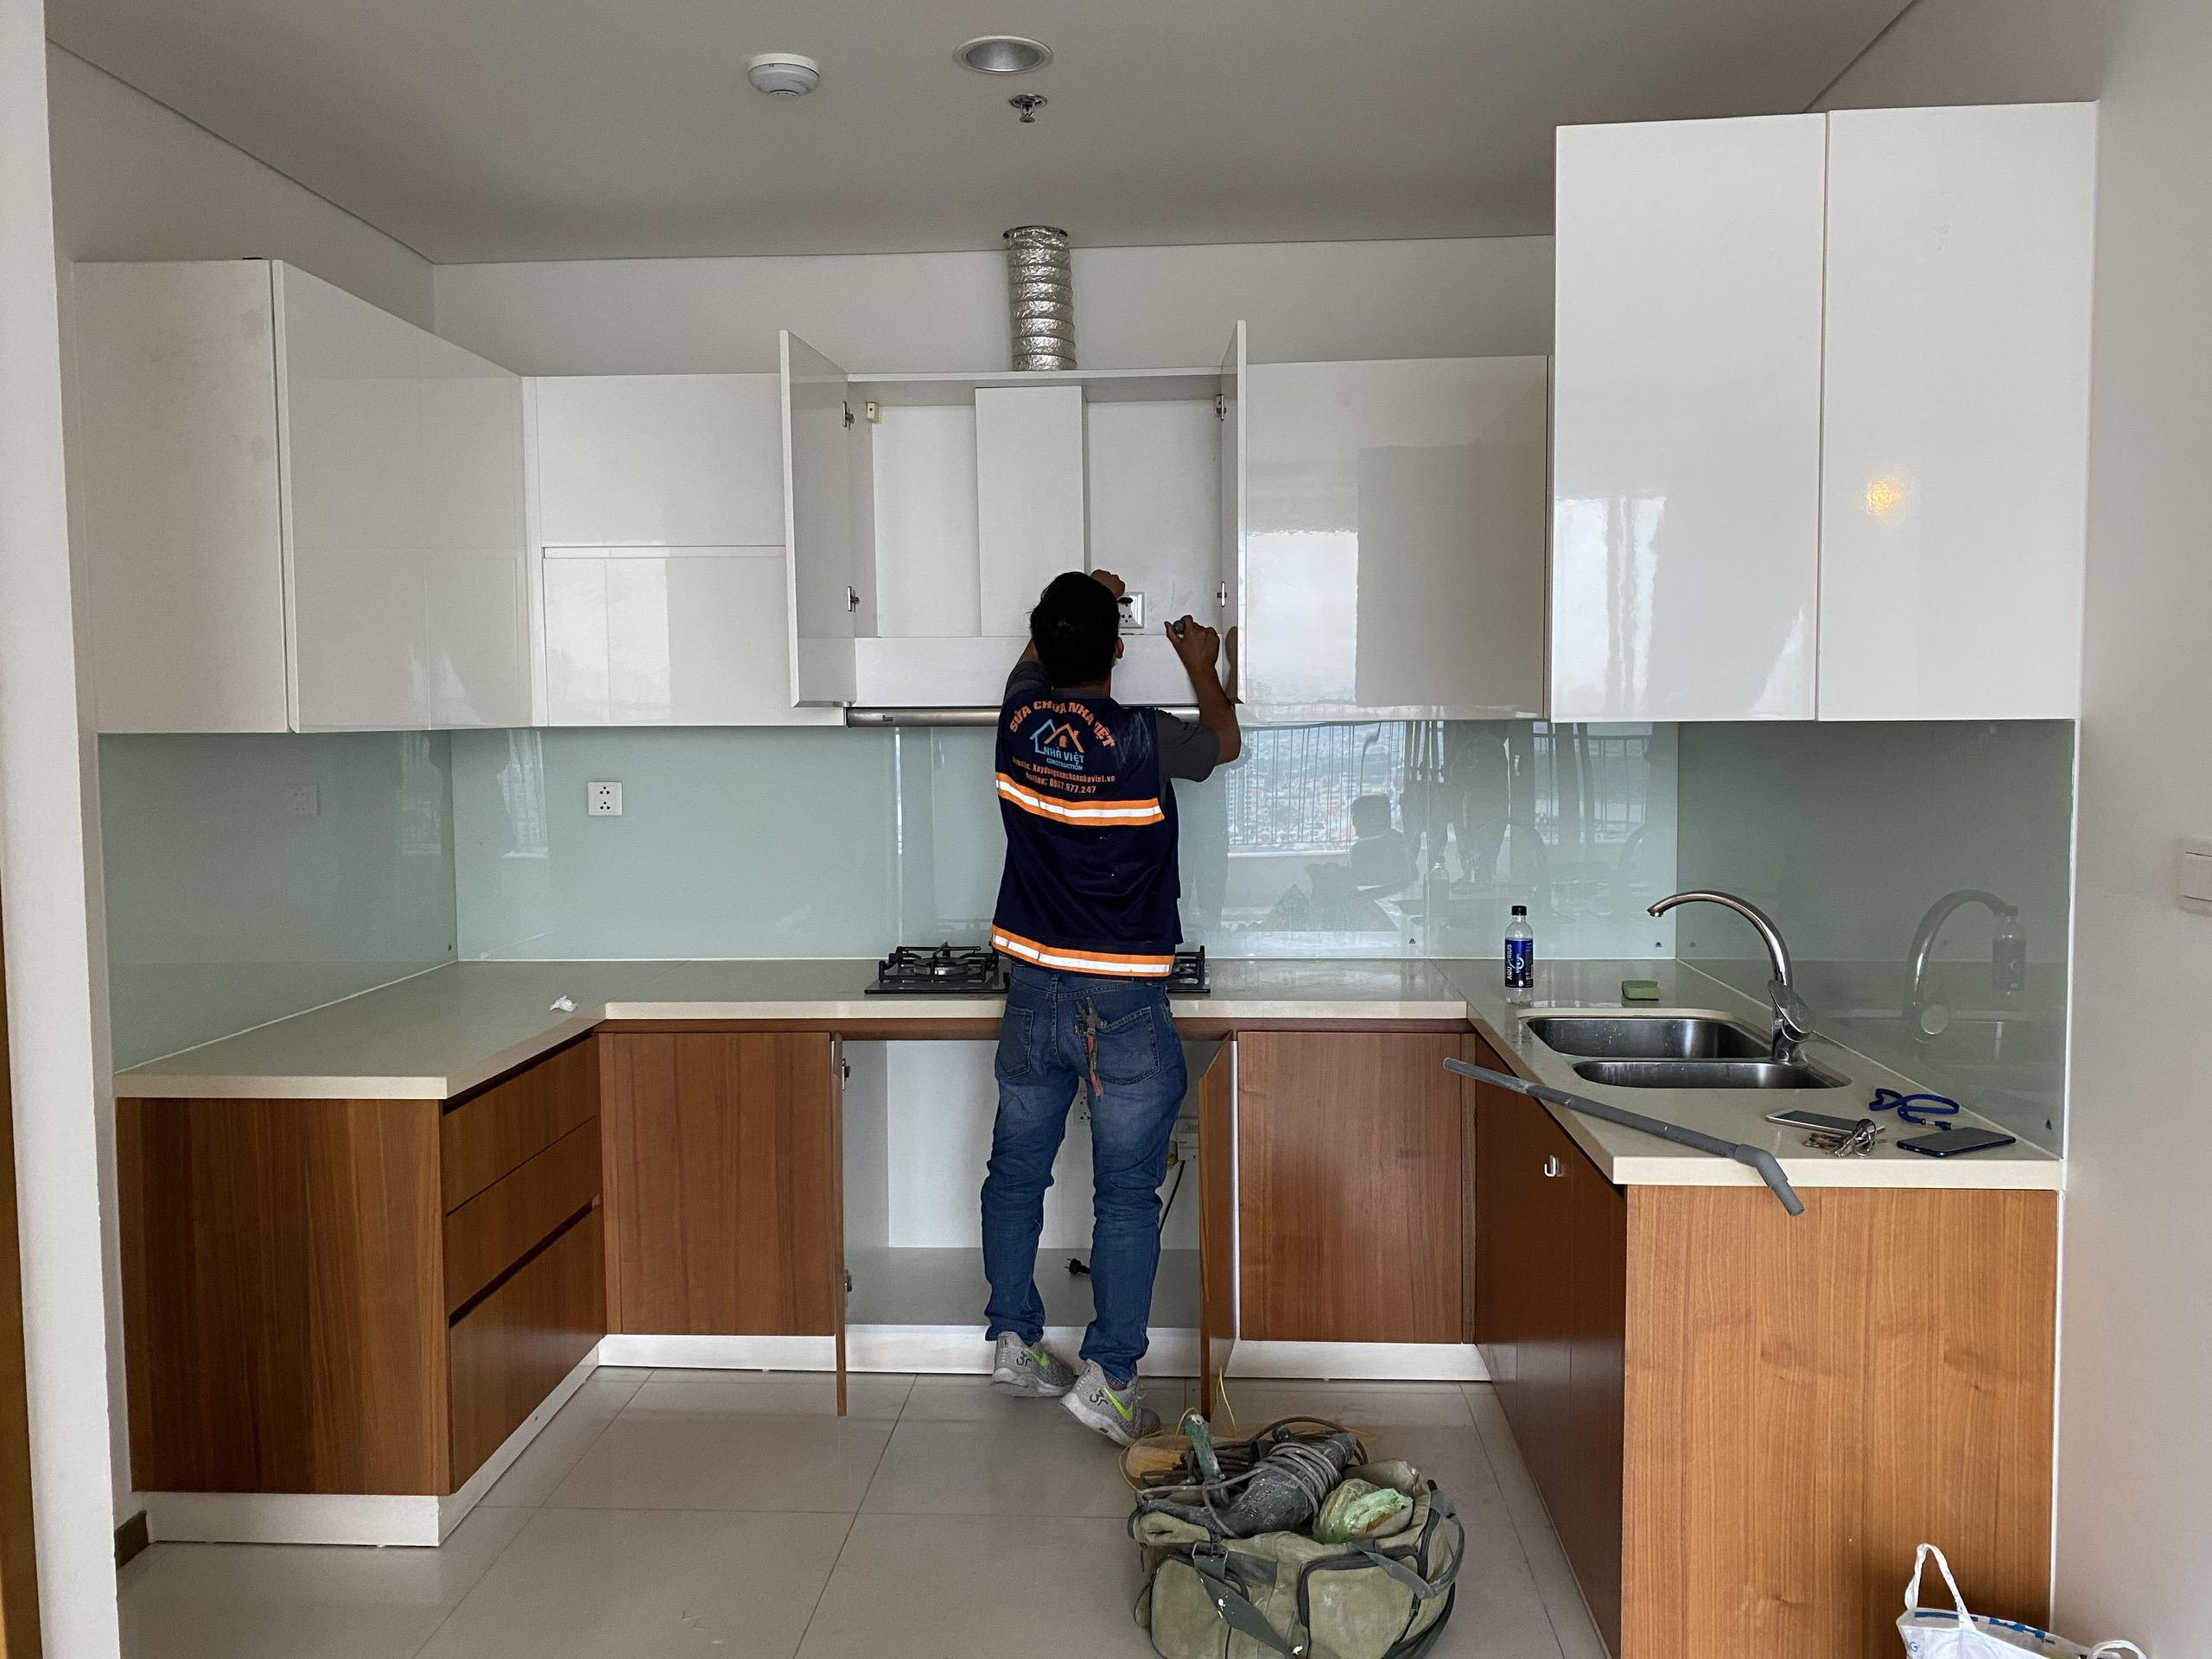 sua chua can ho chung cu tphcm 6 1 - Sửa chữa căn hộ chung cư TP Hồ Chí Minh trọn gói từ A-Z UY TÍN